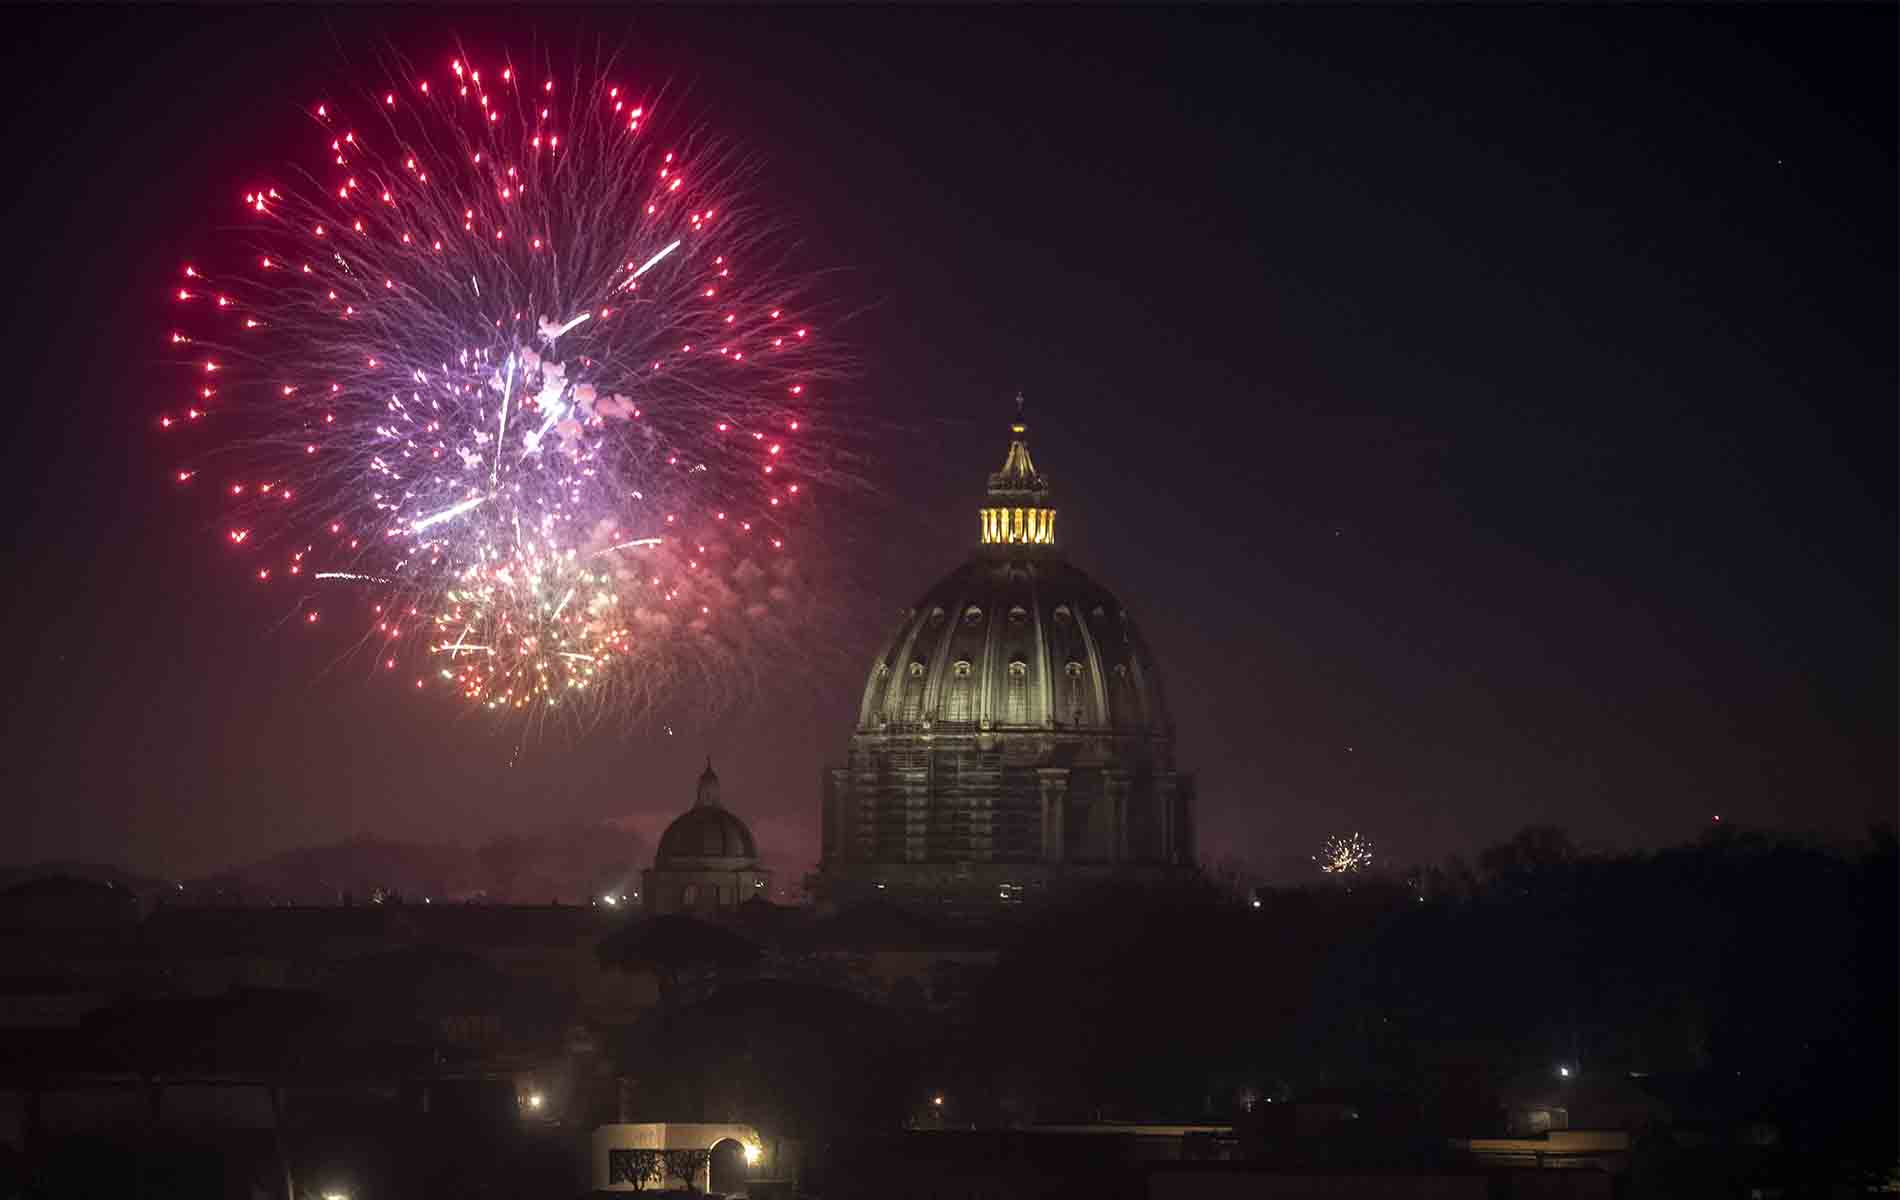 Fuegos artificiales en Roma - Nuevo año 2021